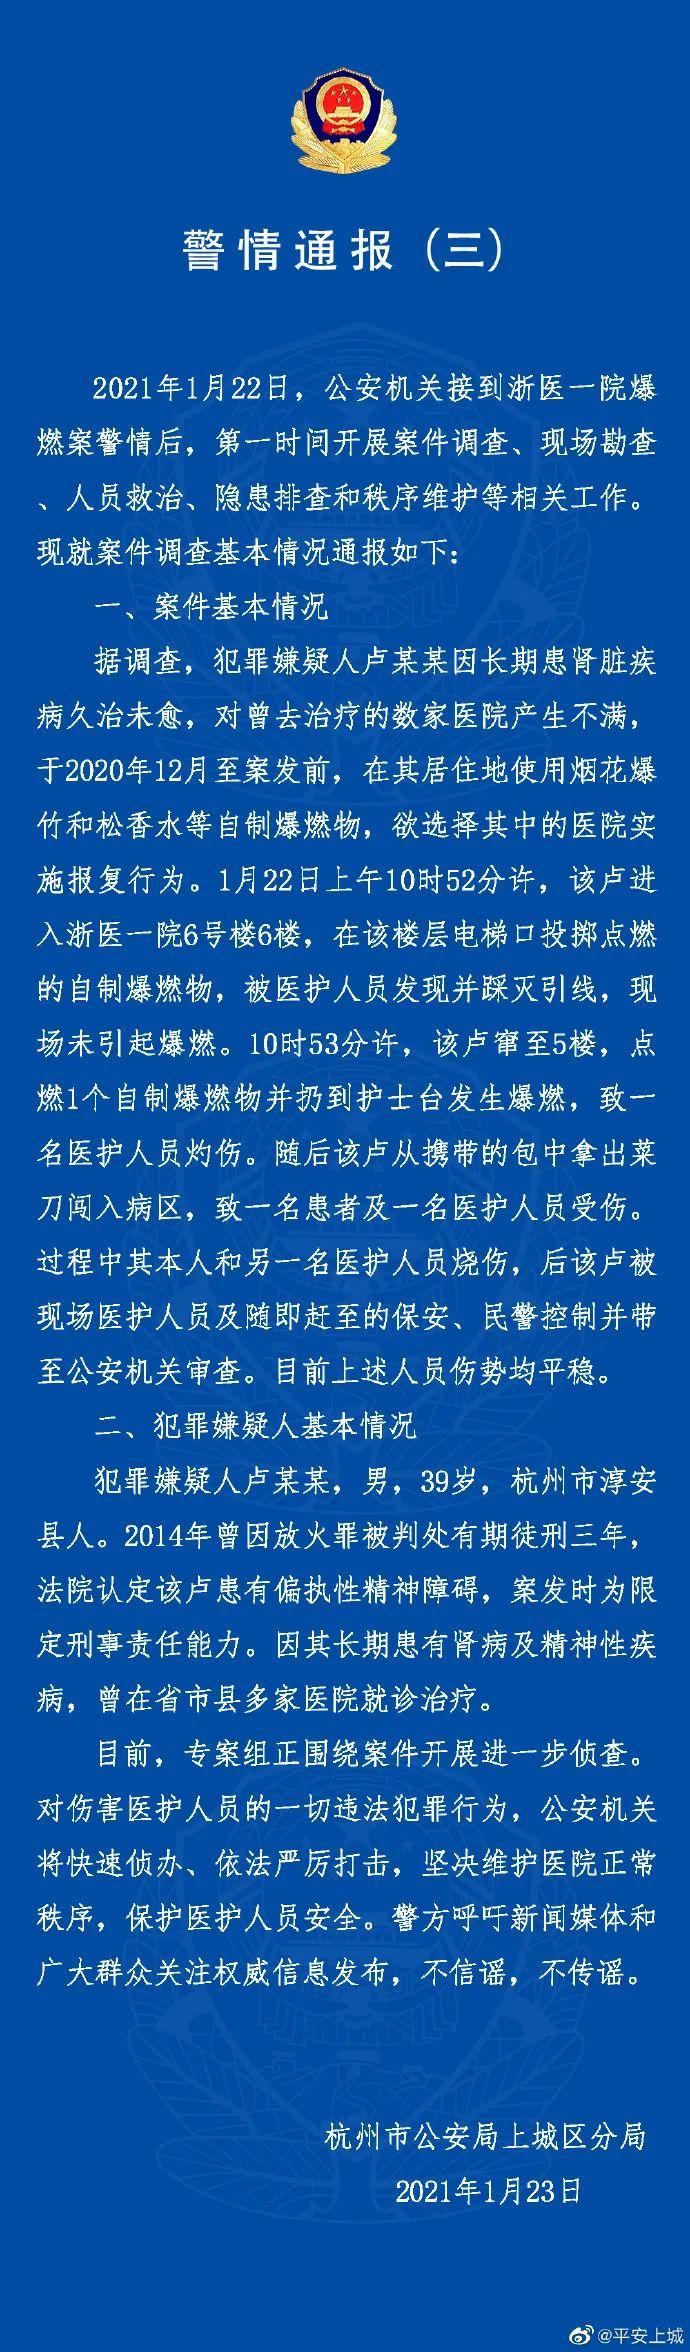 浙医一院爆燃案嫌疑人曾获刑,案发当天将自制爆燃物扔到护士台